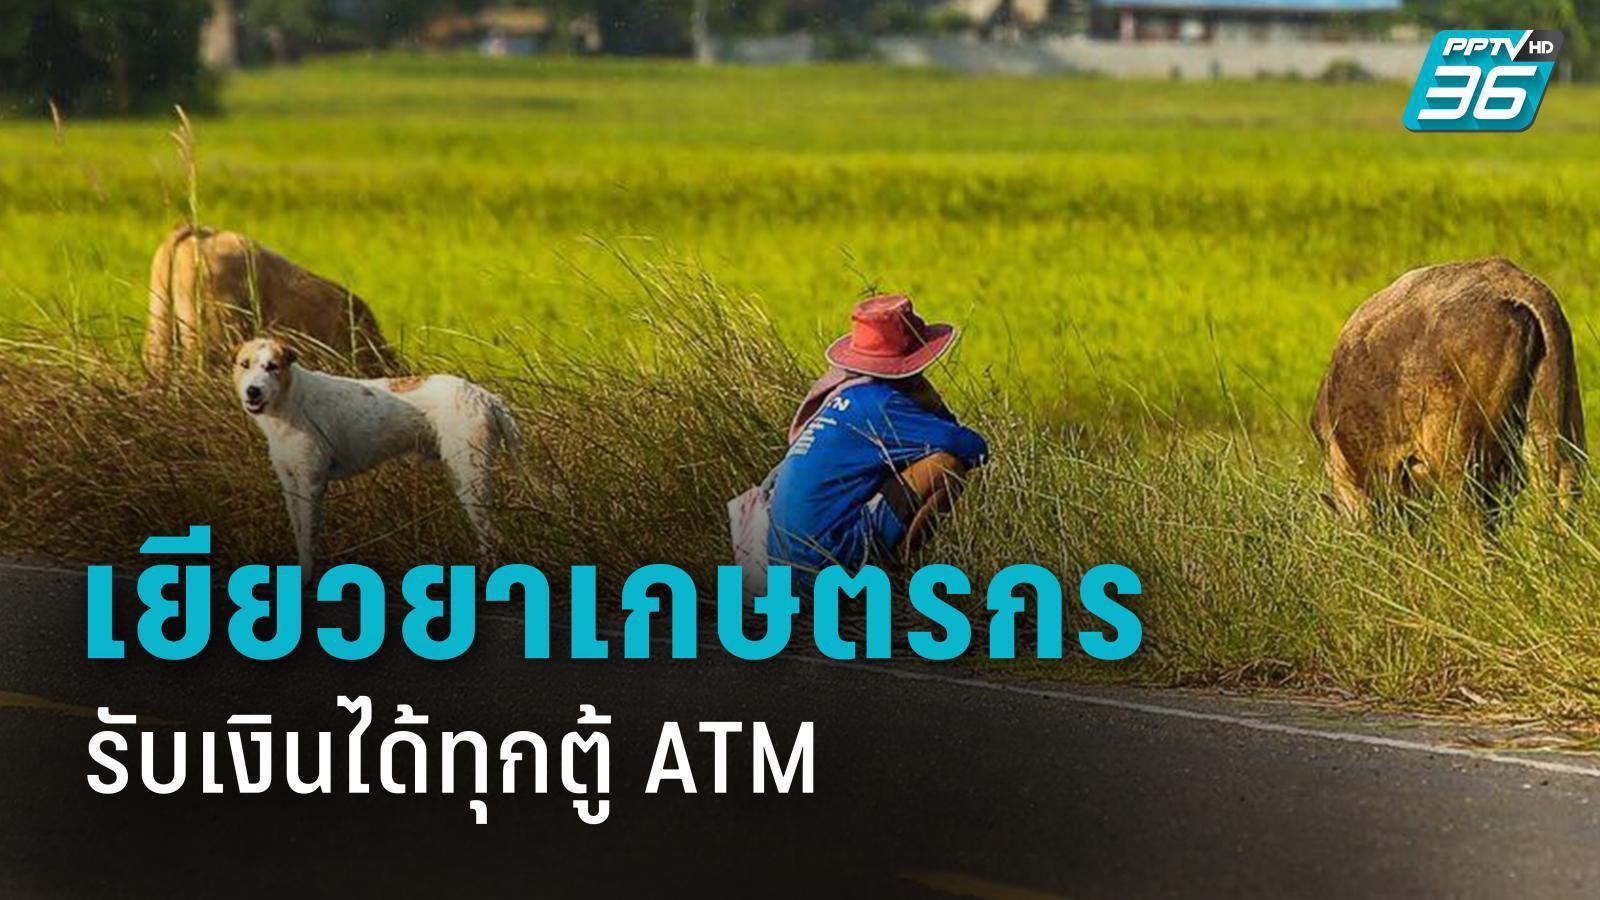 รับเงินได้ทุกตู้เอทีเอ็ม  www.เยียวยาเกษตรกร.com ฟรีค่าธรรมเนียม 3 ครั้ง/เดือน